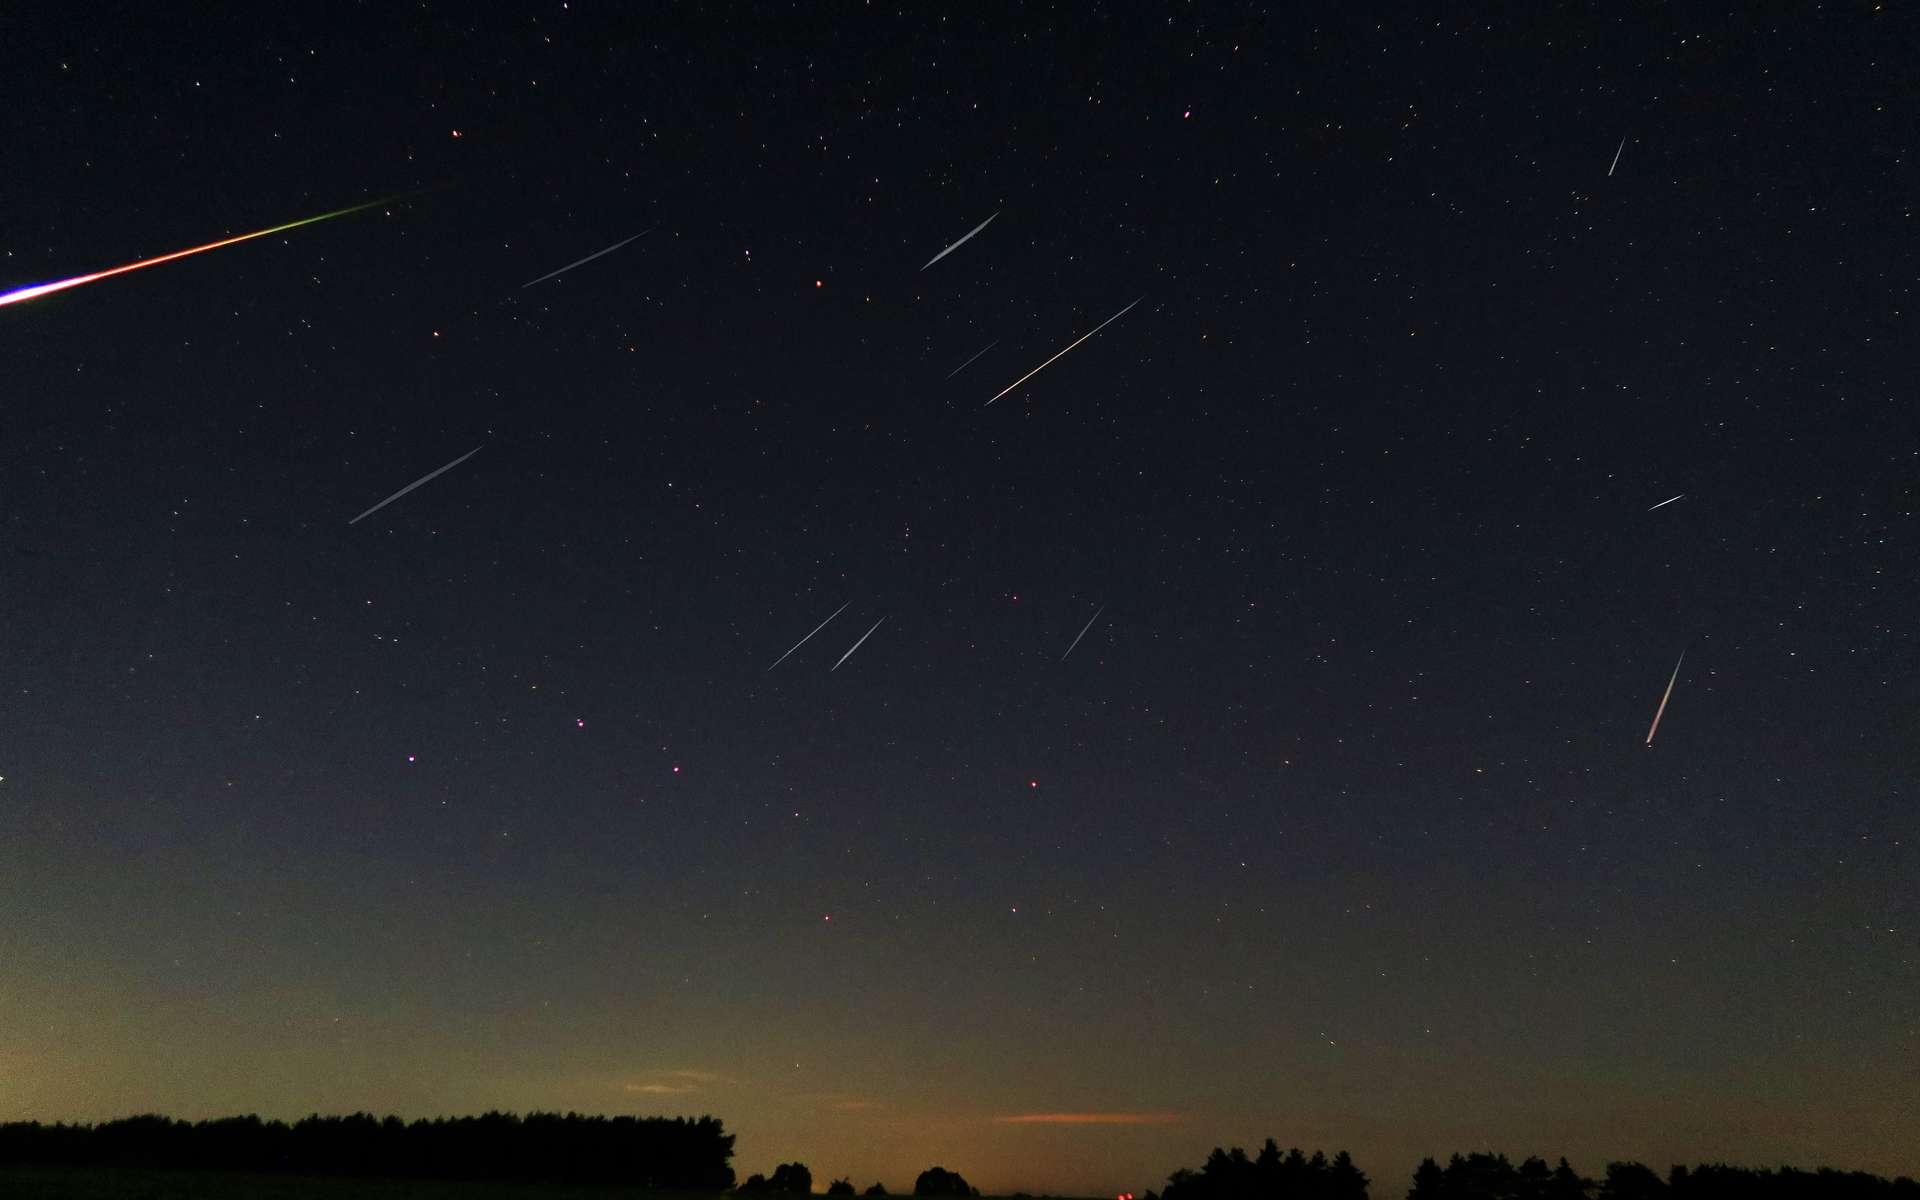 étoiles Filantes Les Plus Belles Images Des Perséides 2018